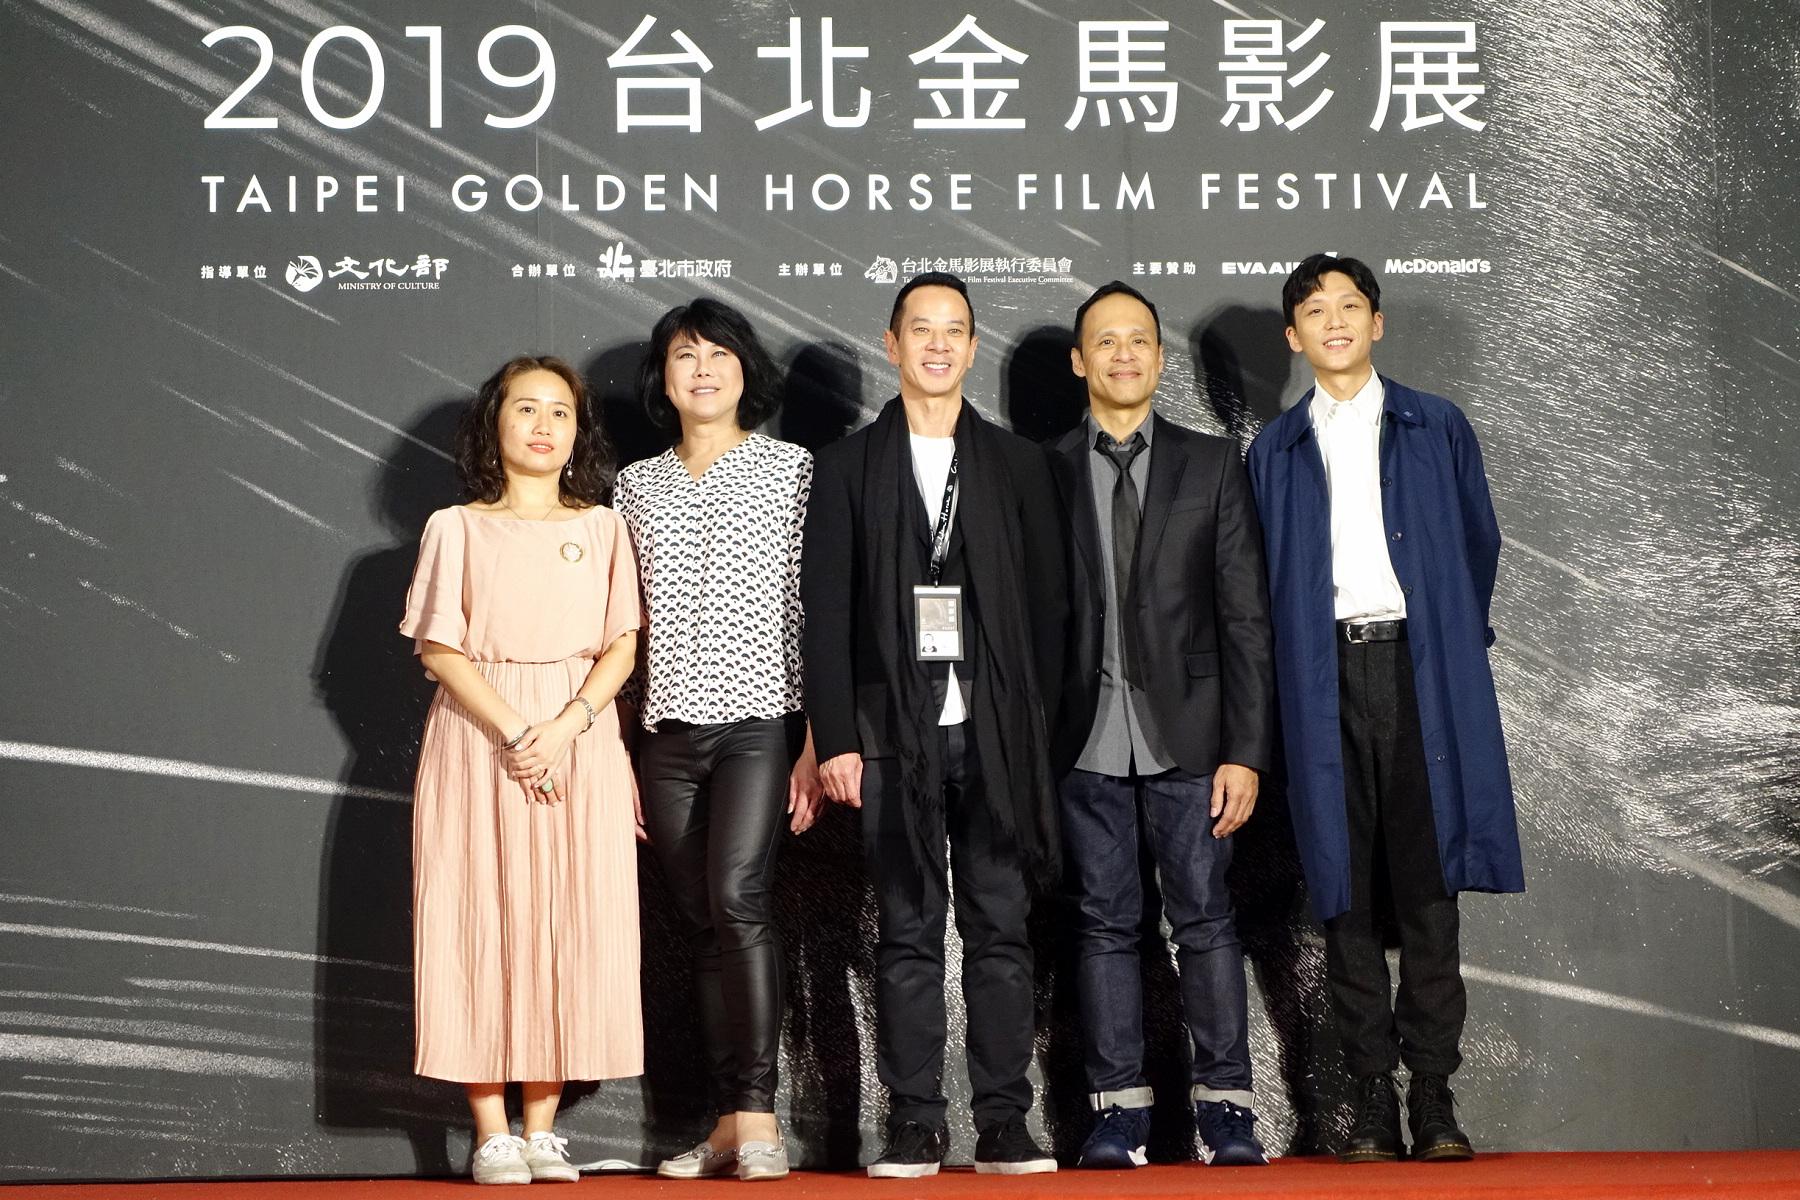 《叔‧叔》金馬影展感動首映,導演楊曜愷西門町遇「彩虹」大喜